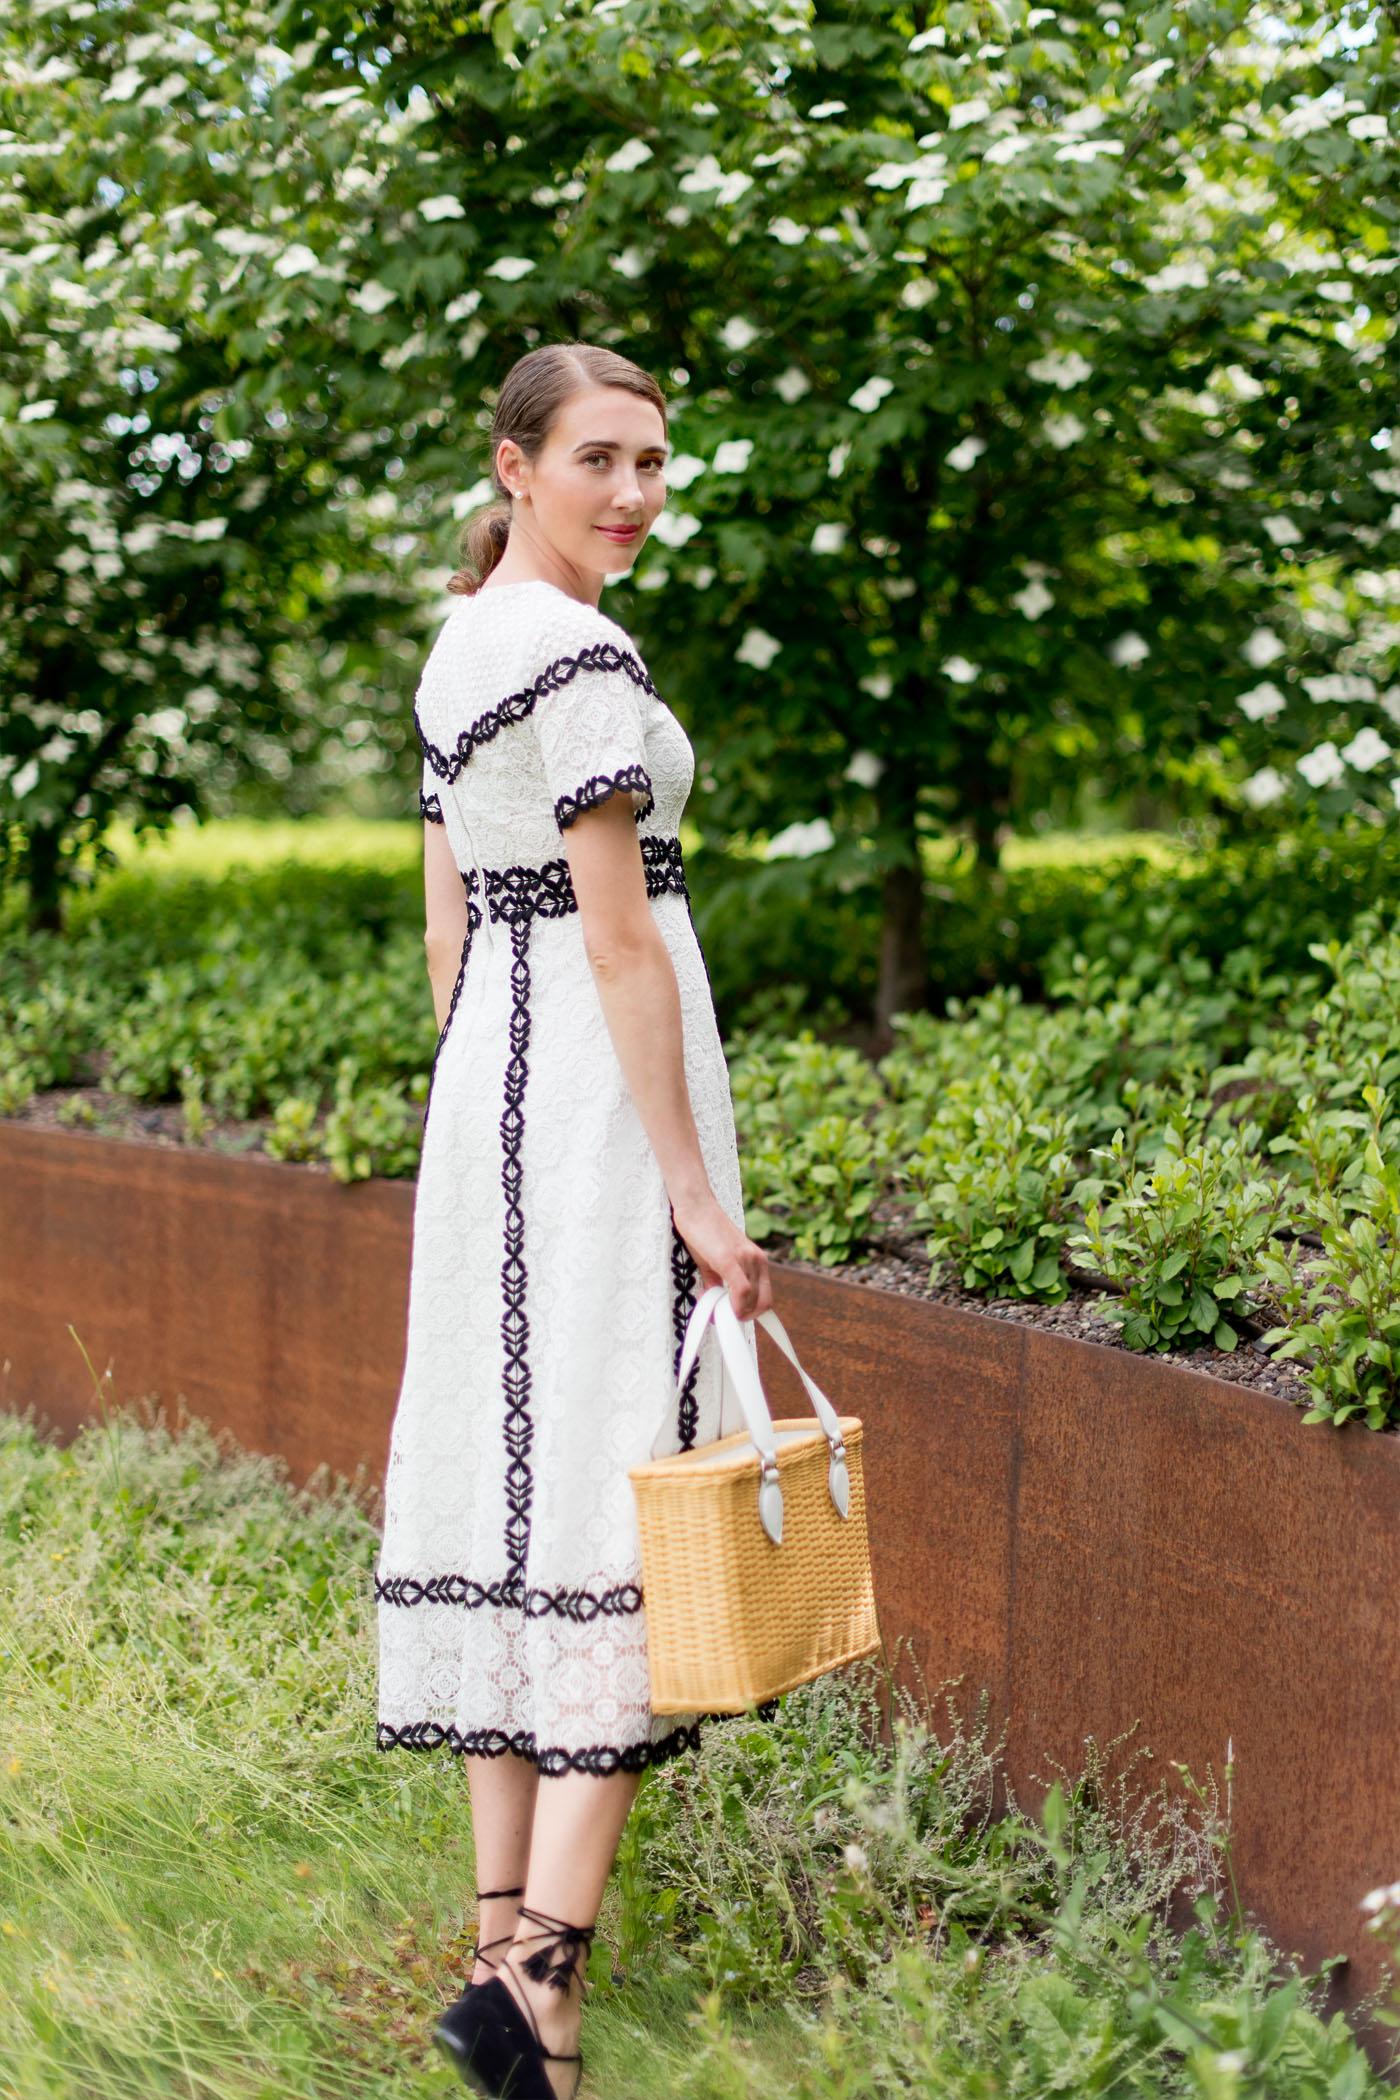 maje-spitzenkleid-korbtasche-coccinelle-summerstyle